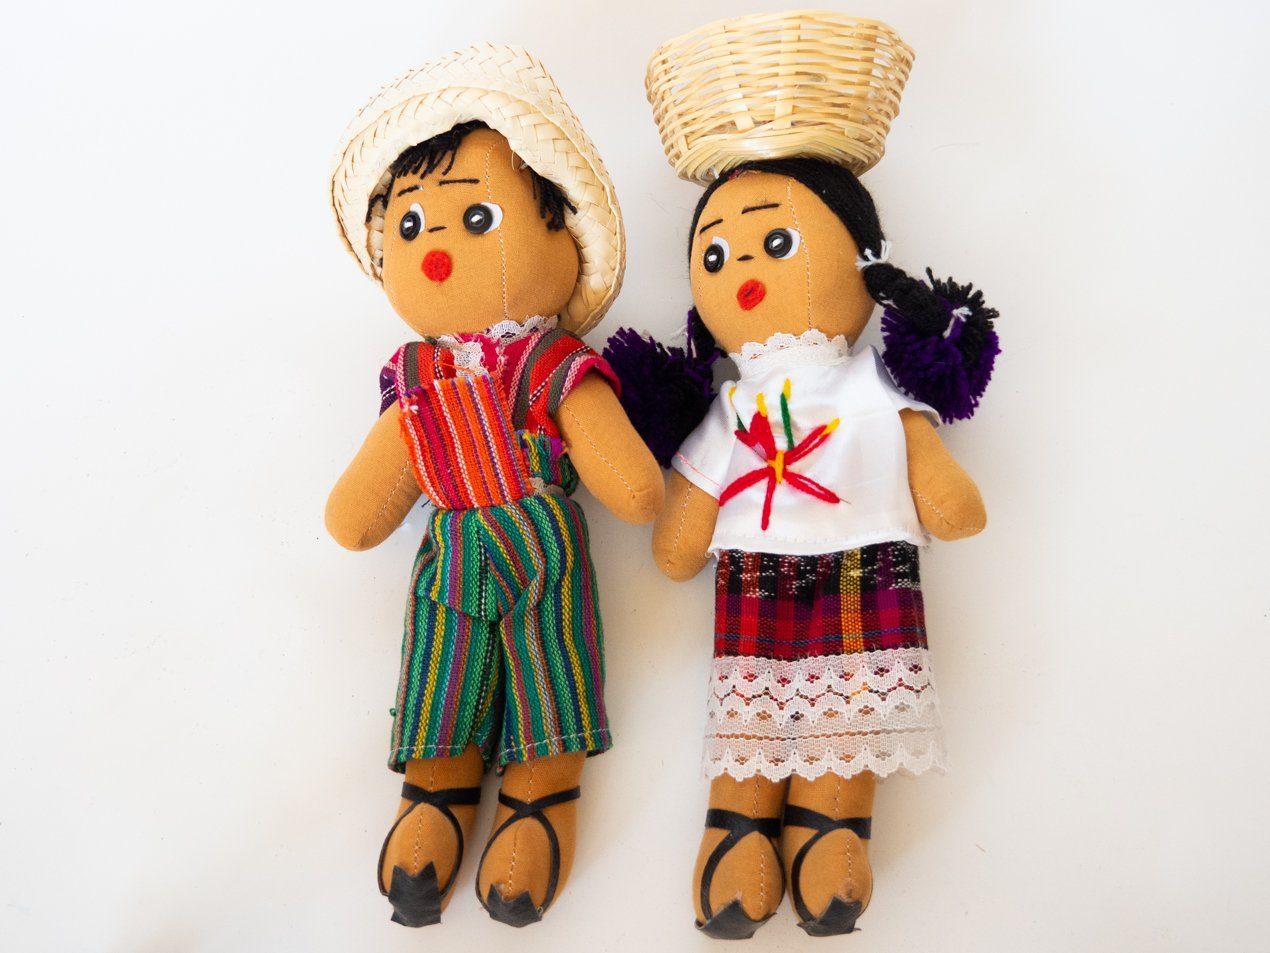 Muñecas tradicionales guatemaltecas